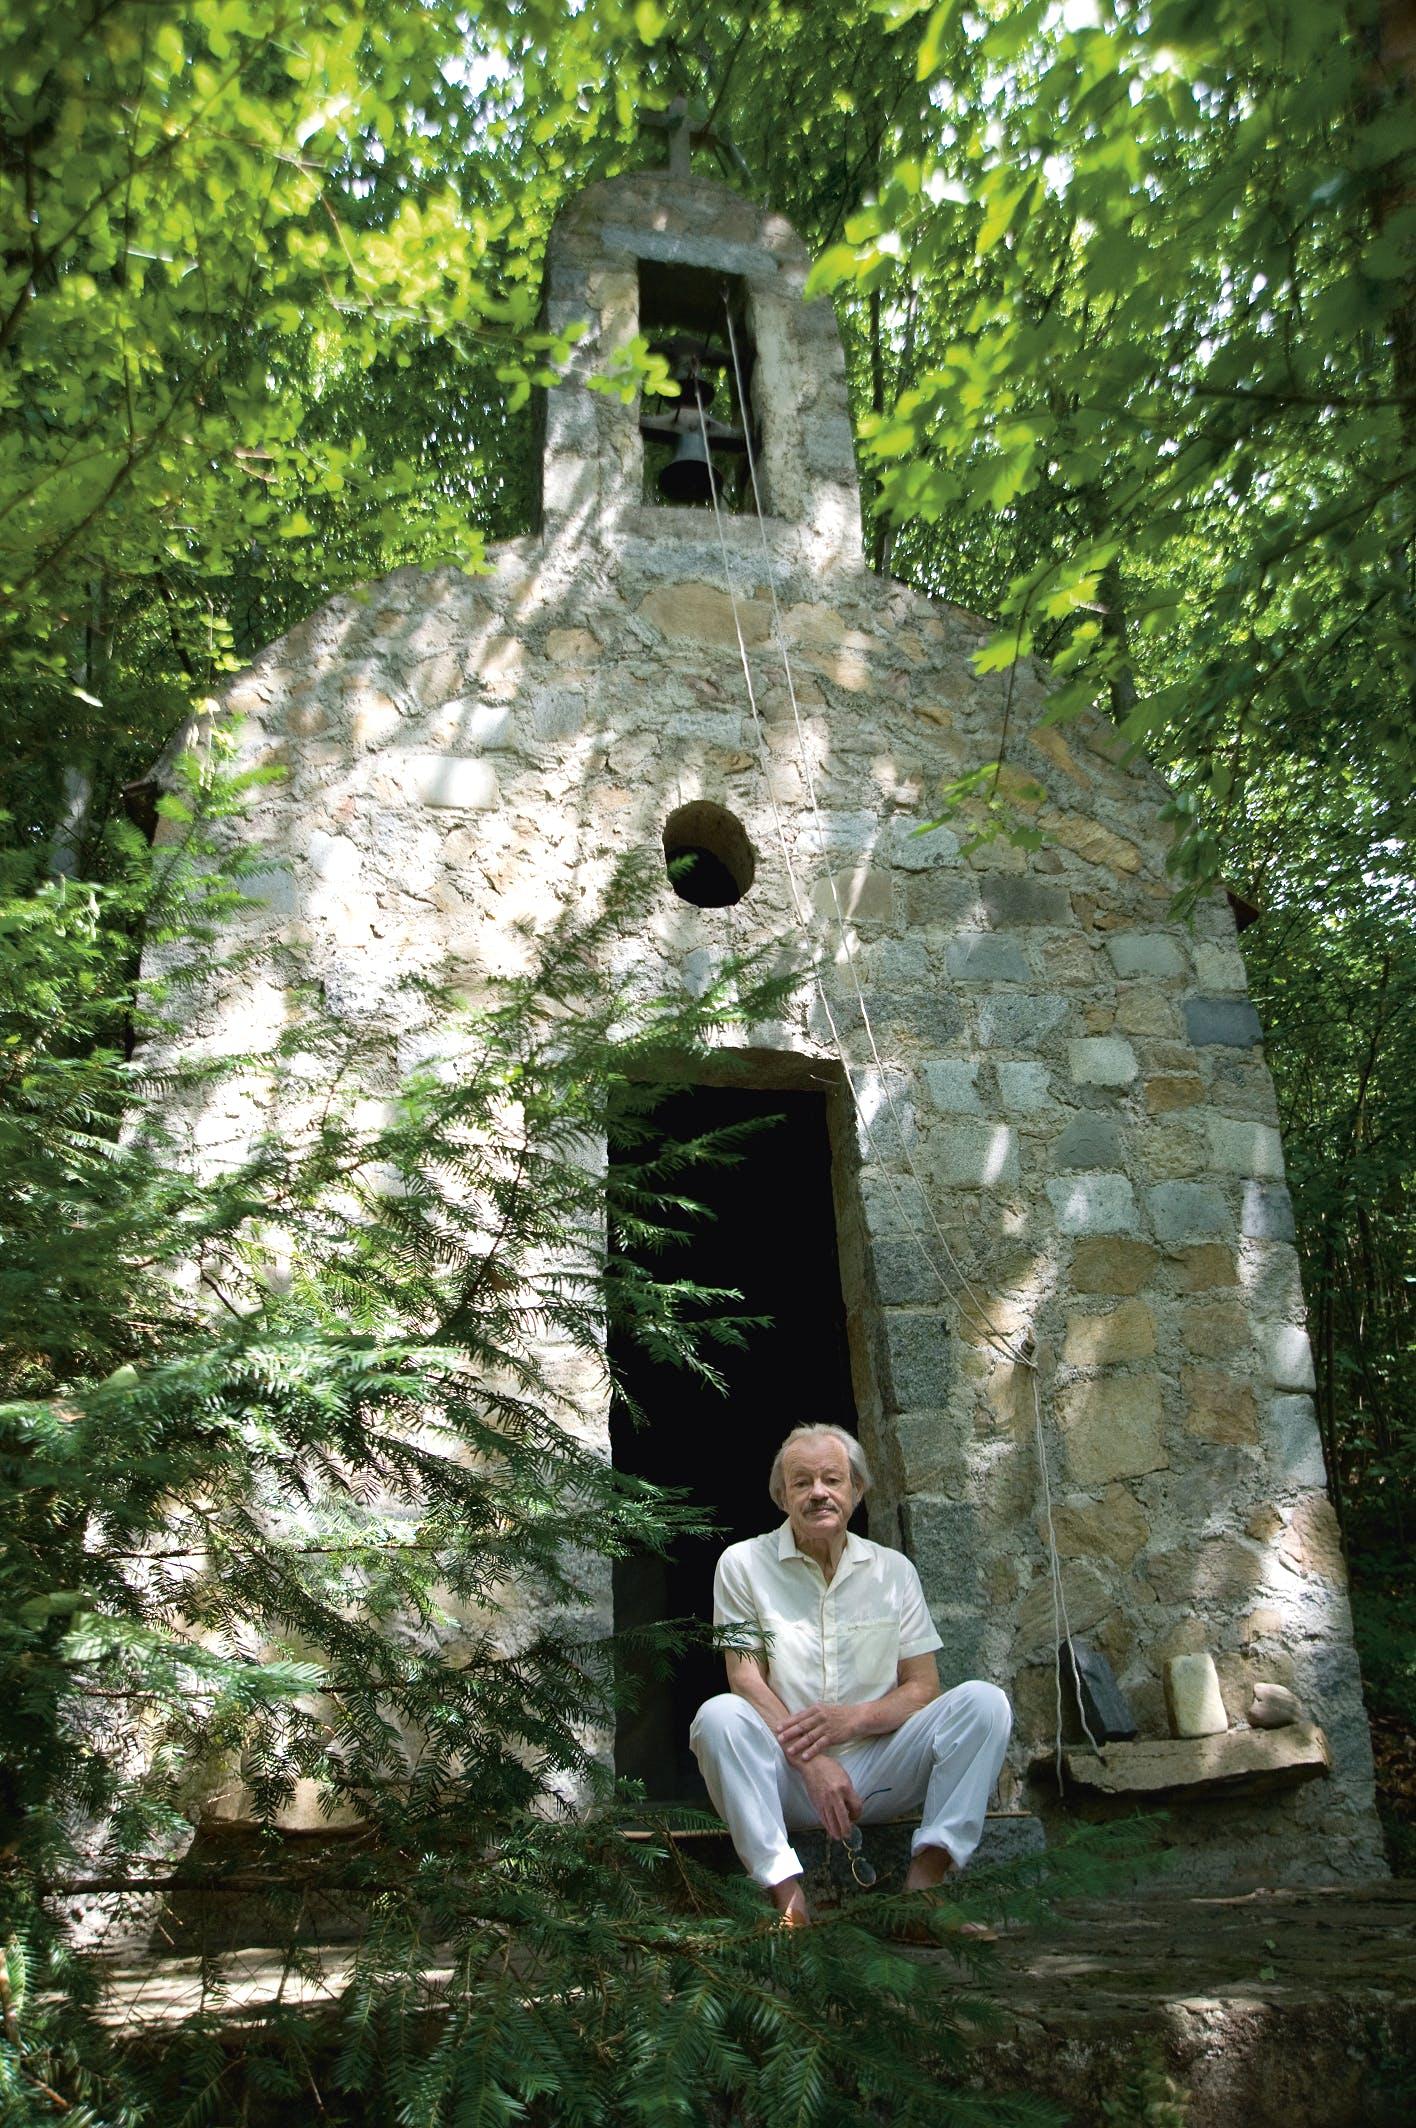 Cerha vor einer von ihm entworfenen und errichteten Kapelle, Maria Langegg